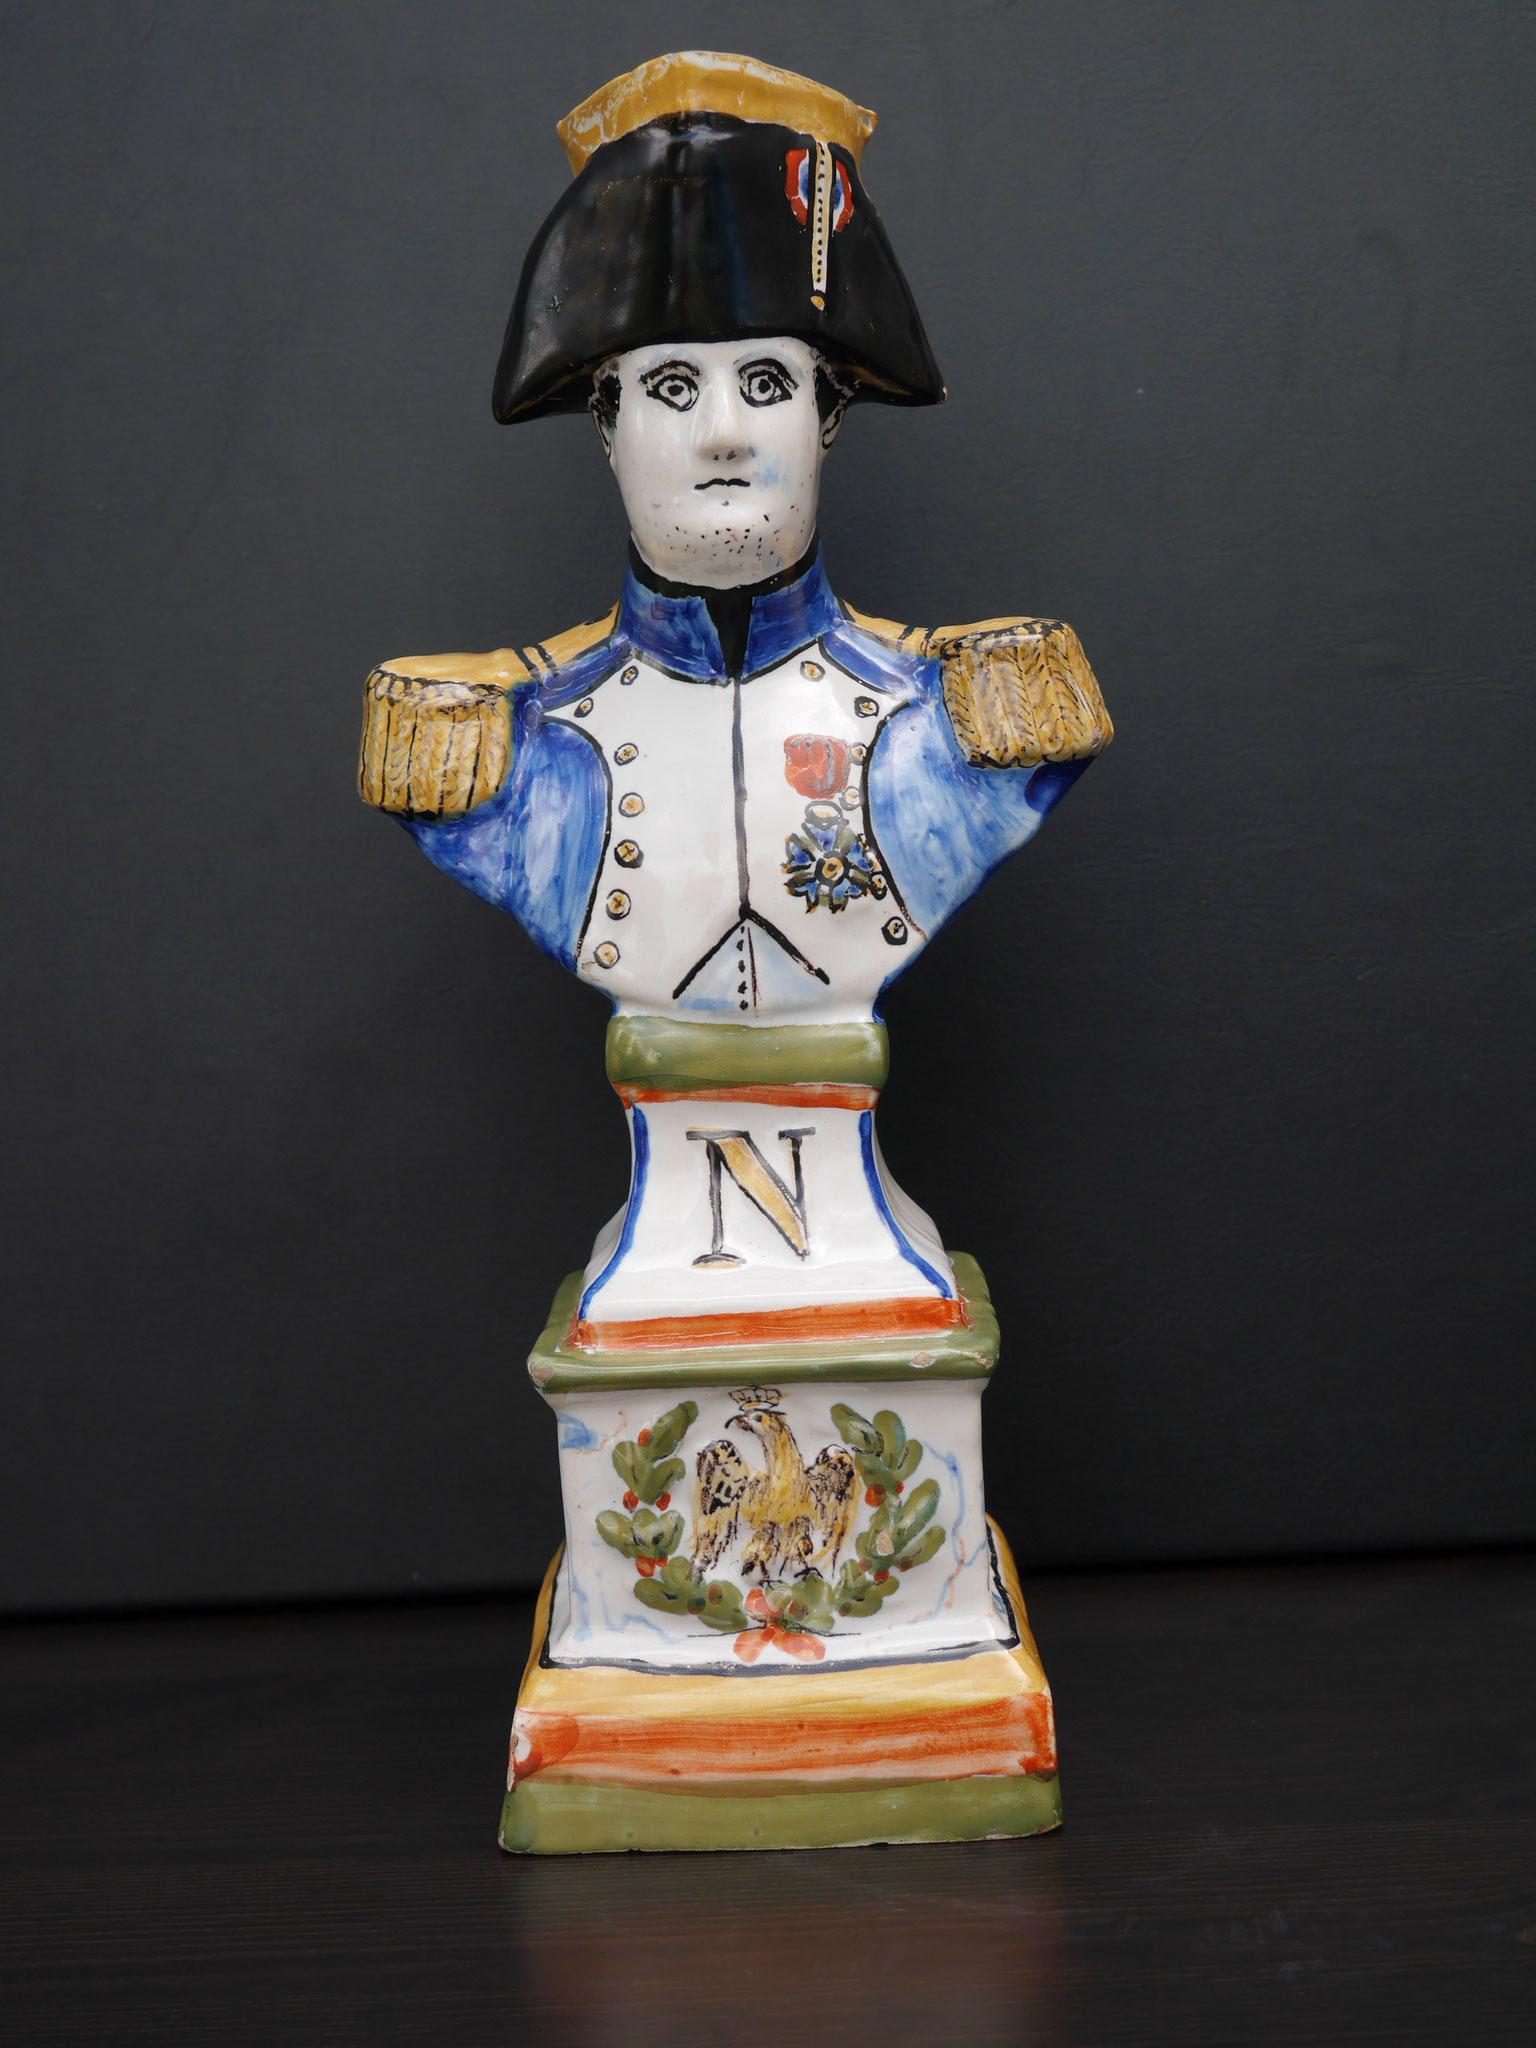 Pichet Jacquot à l'effigie de Napoléon Premier Empereur  - Haut. 28